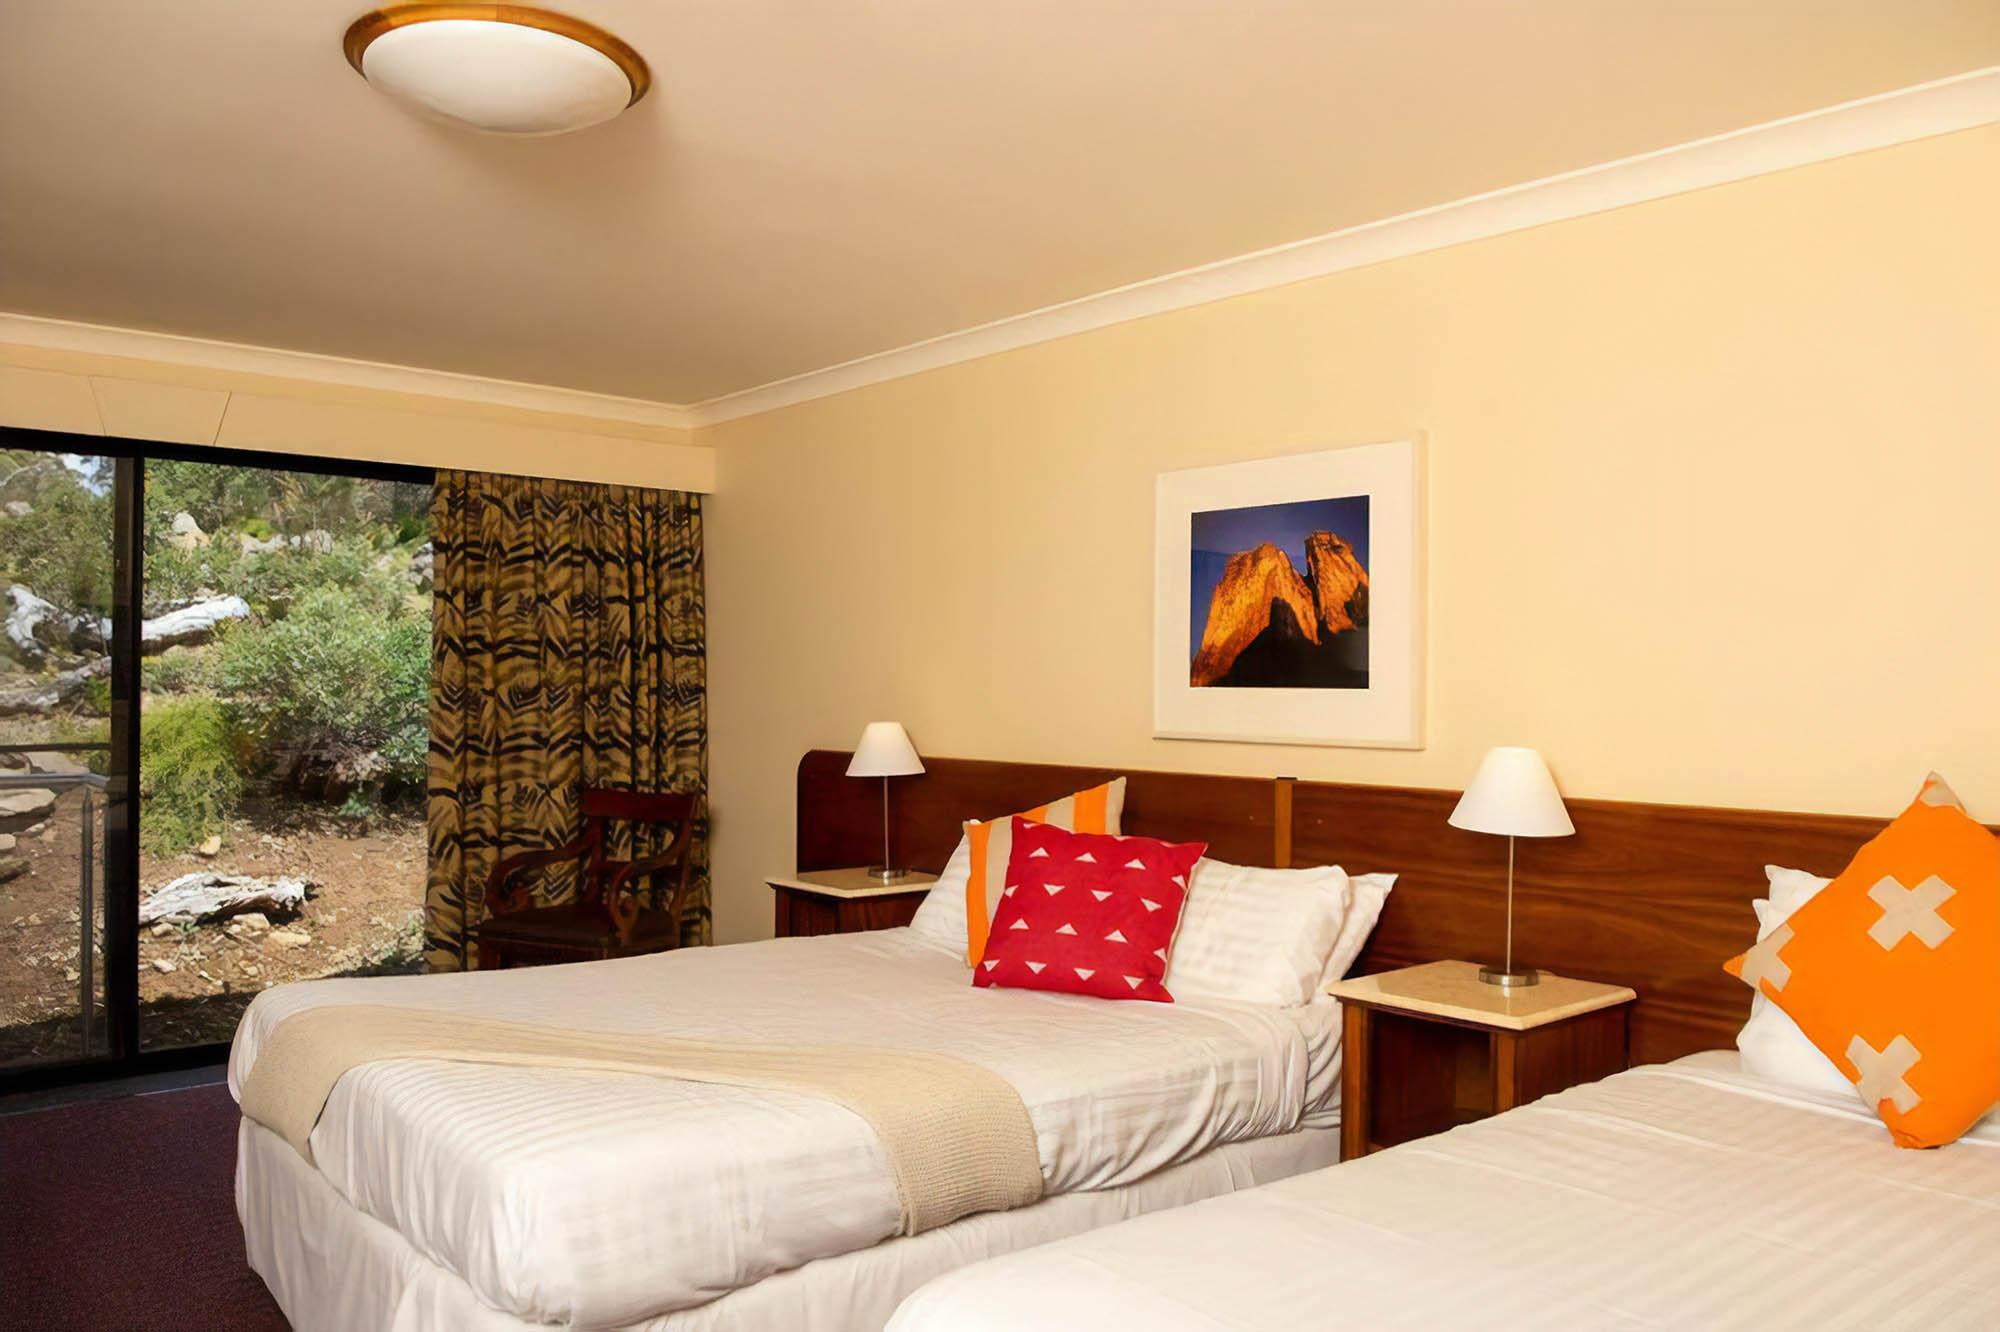 Самый дешевый номер в отеле Cradle Mountain в Тасмании за 11 814 р. в сутки. Источник: booking.com